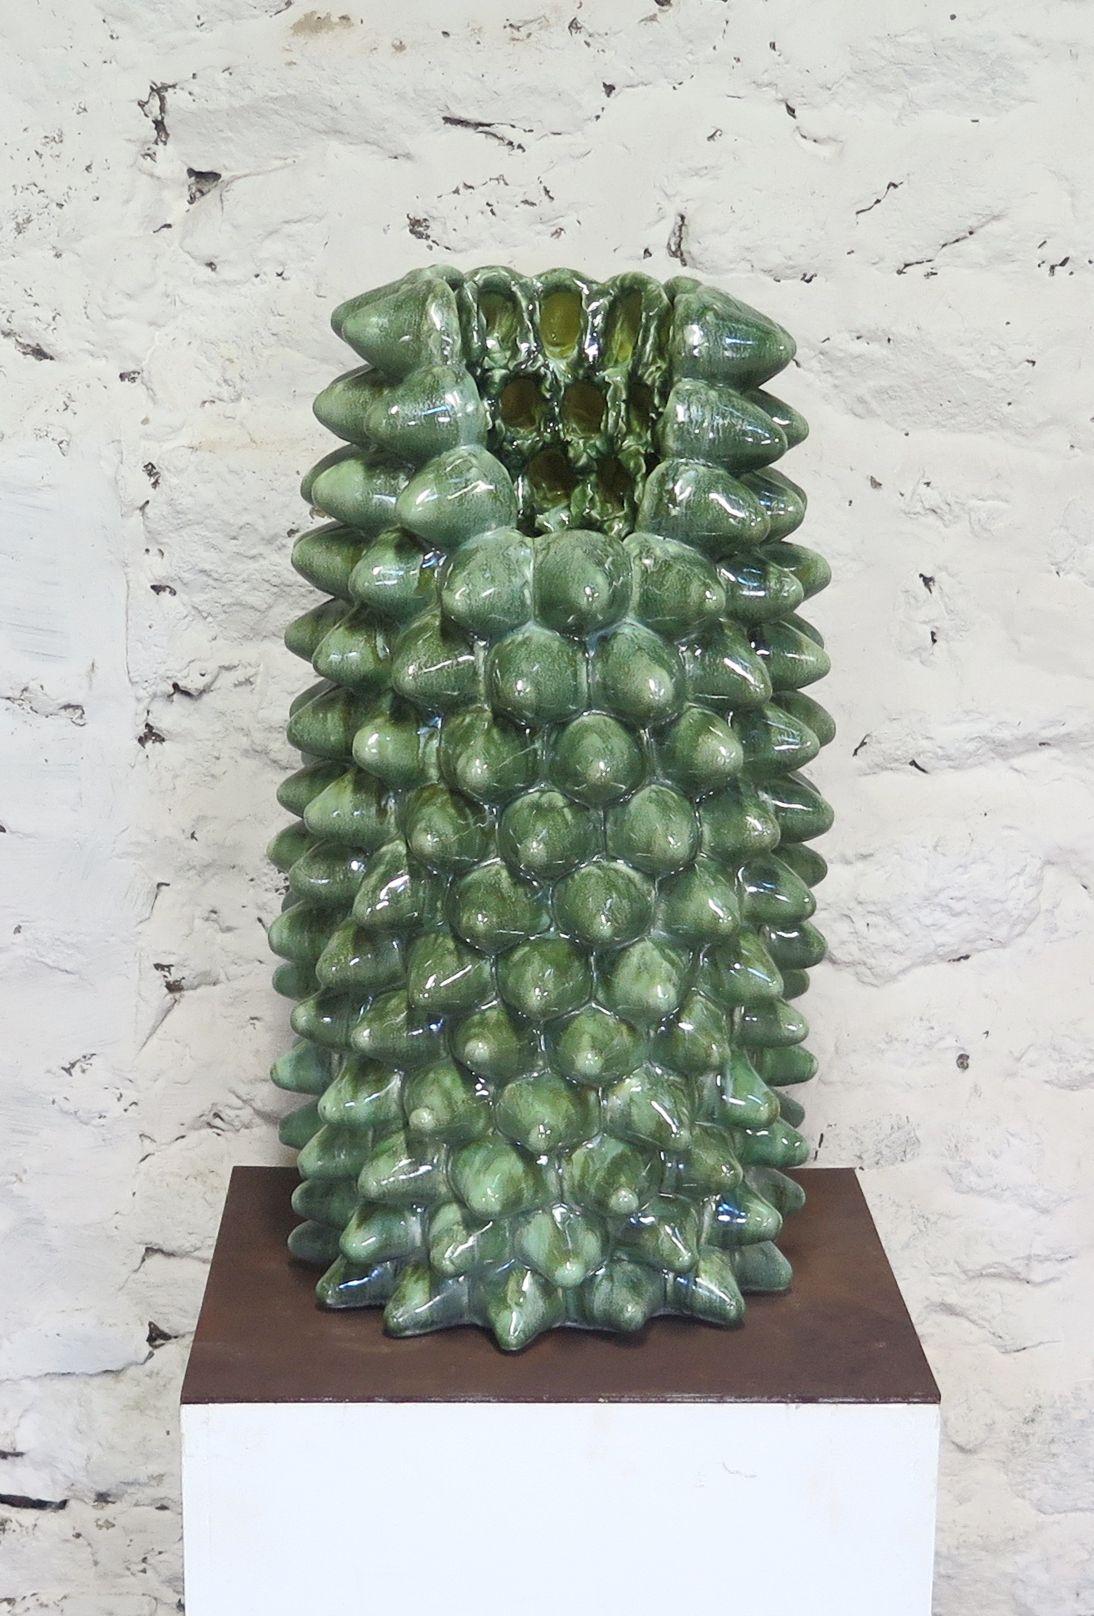 cuirasse-2018-porcelaine-emaillee-63-x-d.35-cm-8776f06ac3e806de64e7701338c471d8